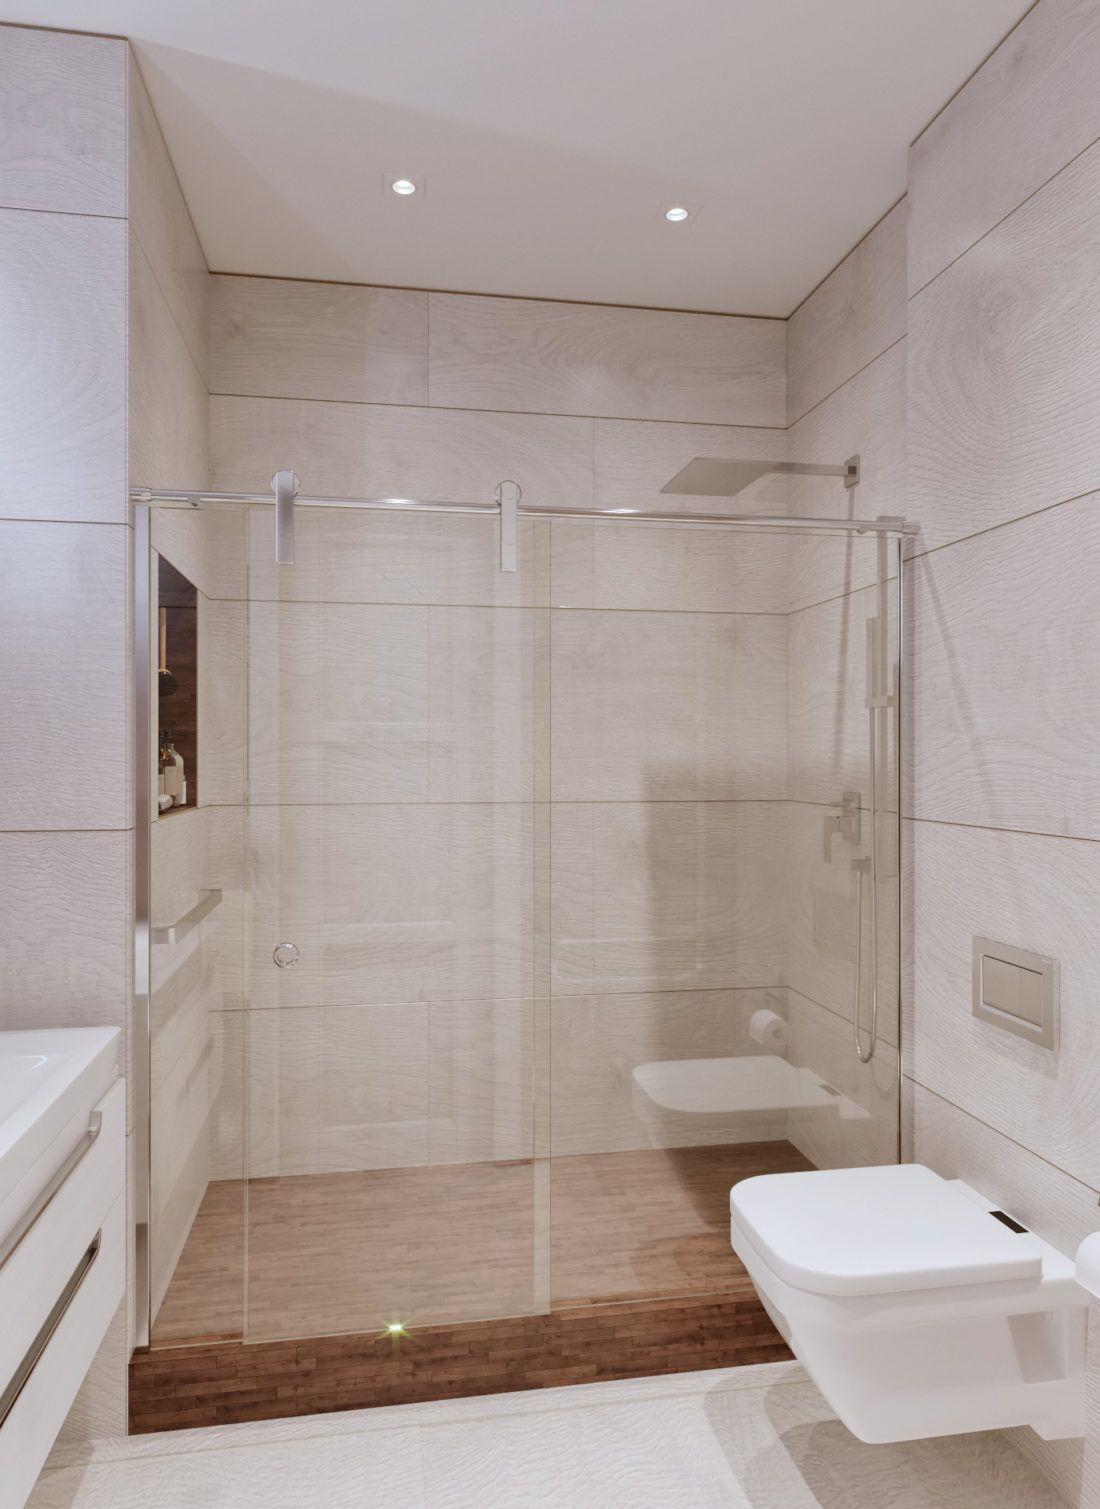 Душевая зона, стеклянная перегородка, дождевой душ ...